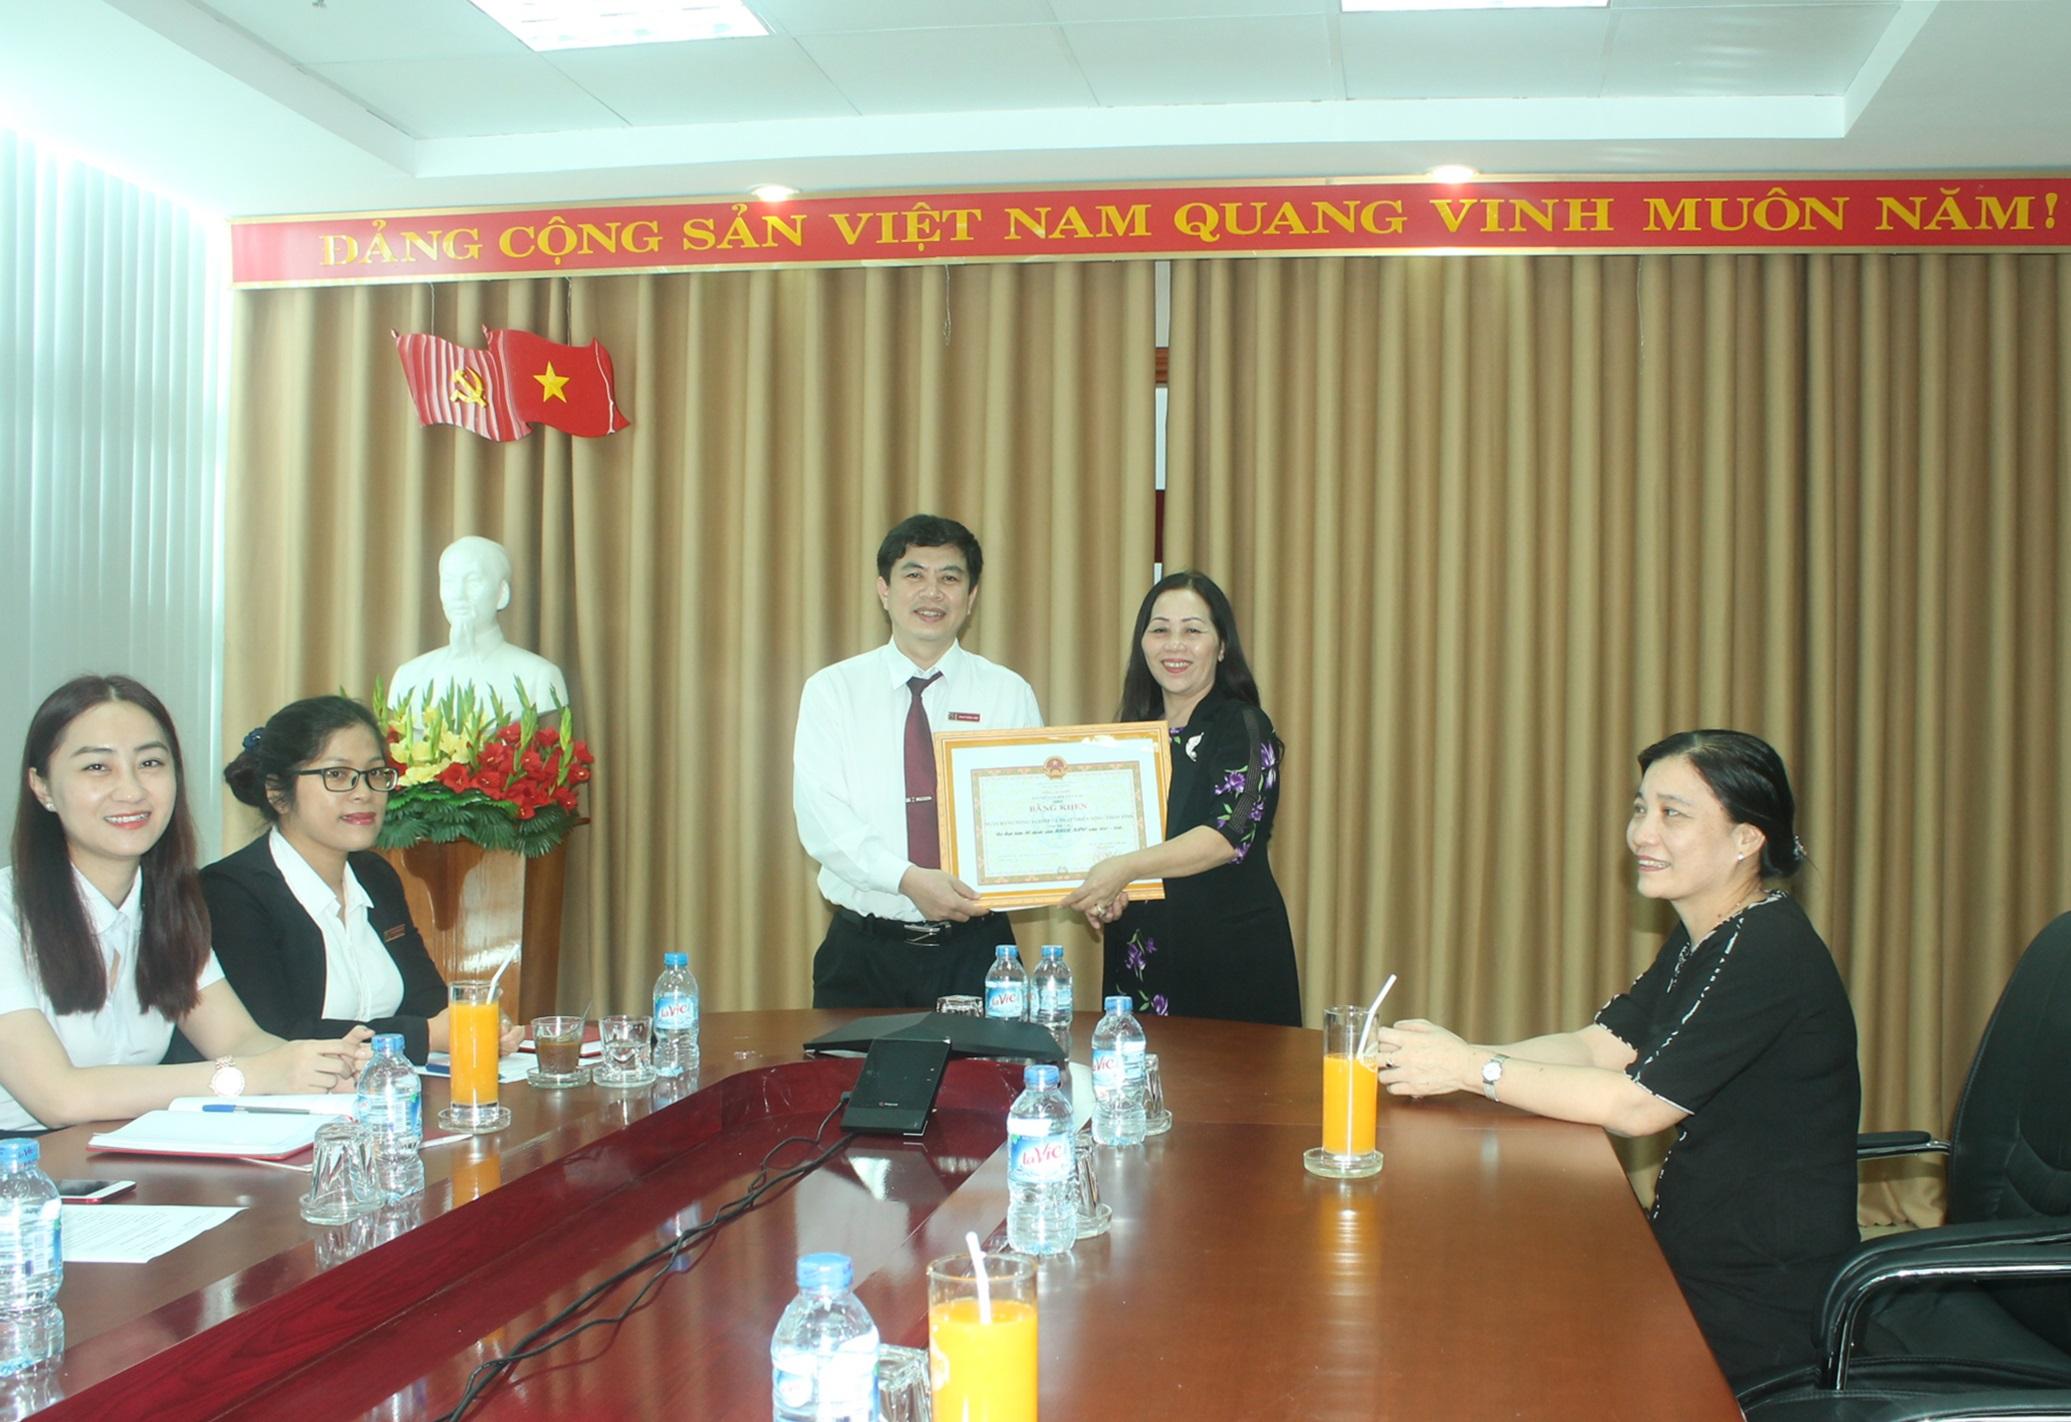 Agribank tỉnh Đắk Lắk, nhận Bằng khen của Tổng Giám đốc Bảo hiểm Xã hội Việt Nam